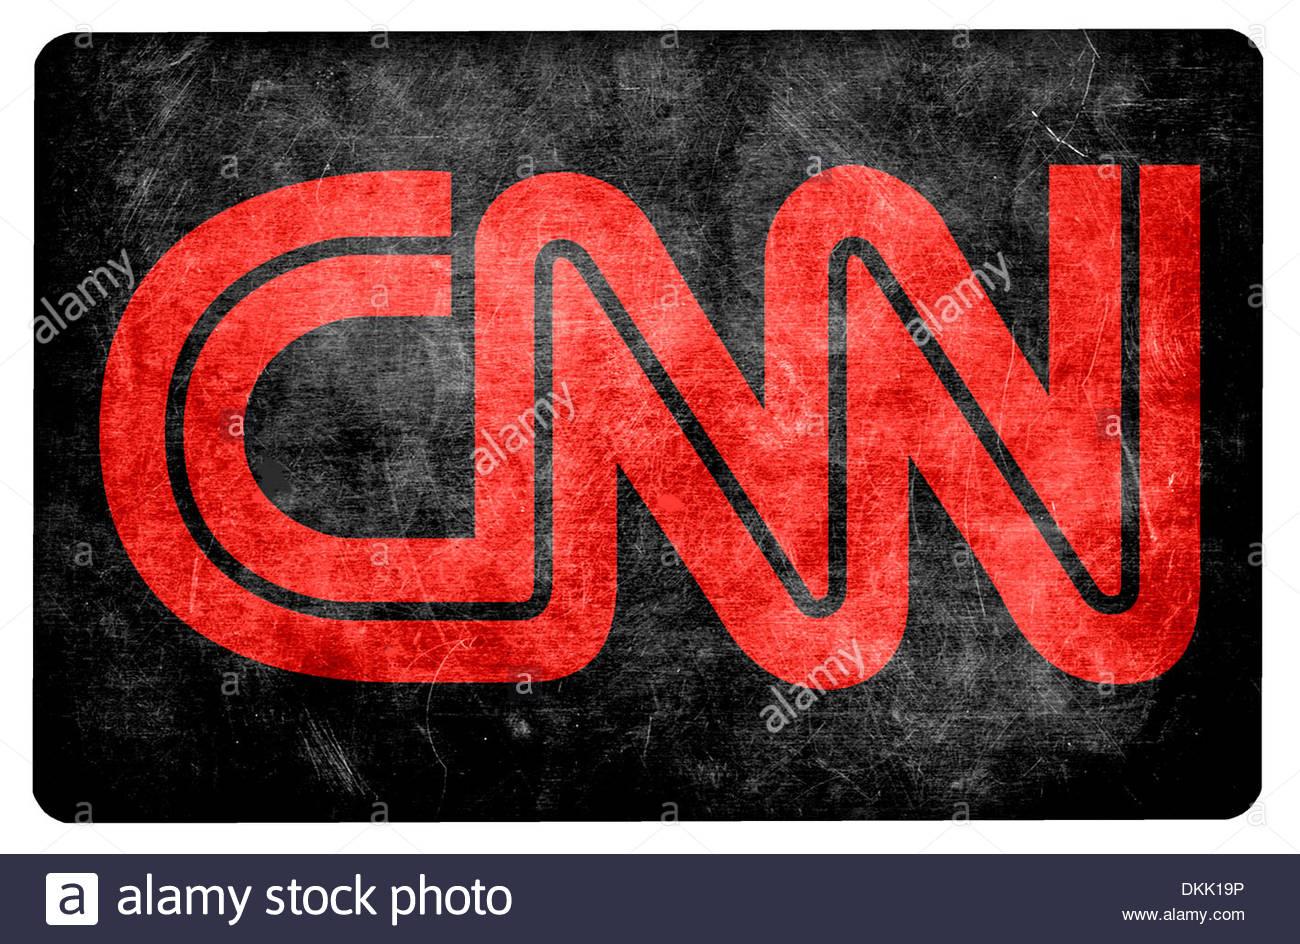 Cnn News Logo Icon Button Stock Photos Cnn News Logo Icon Button